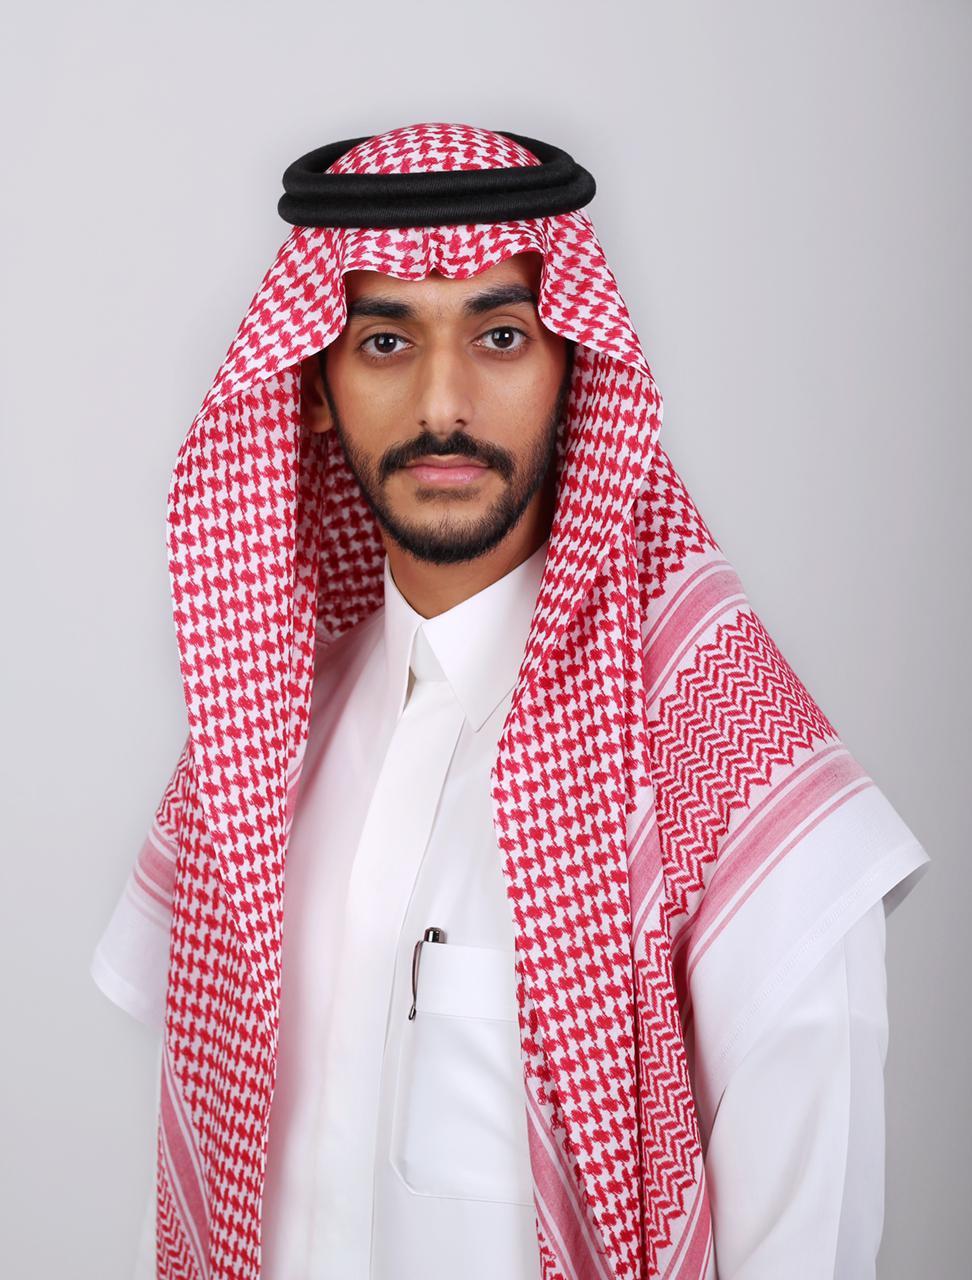 Ali Mohamad Al-Shamrani